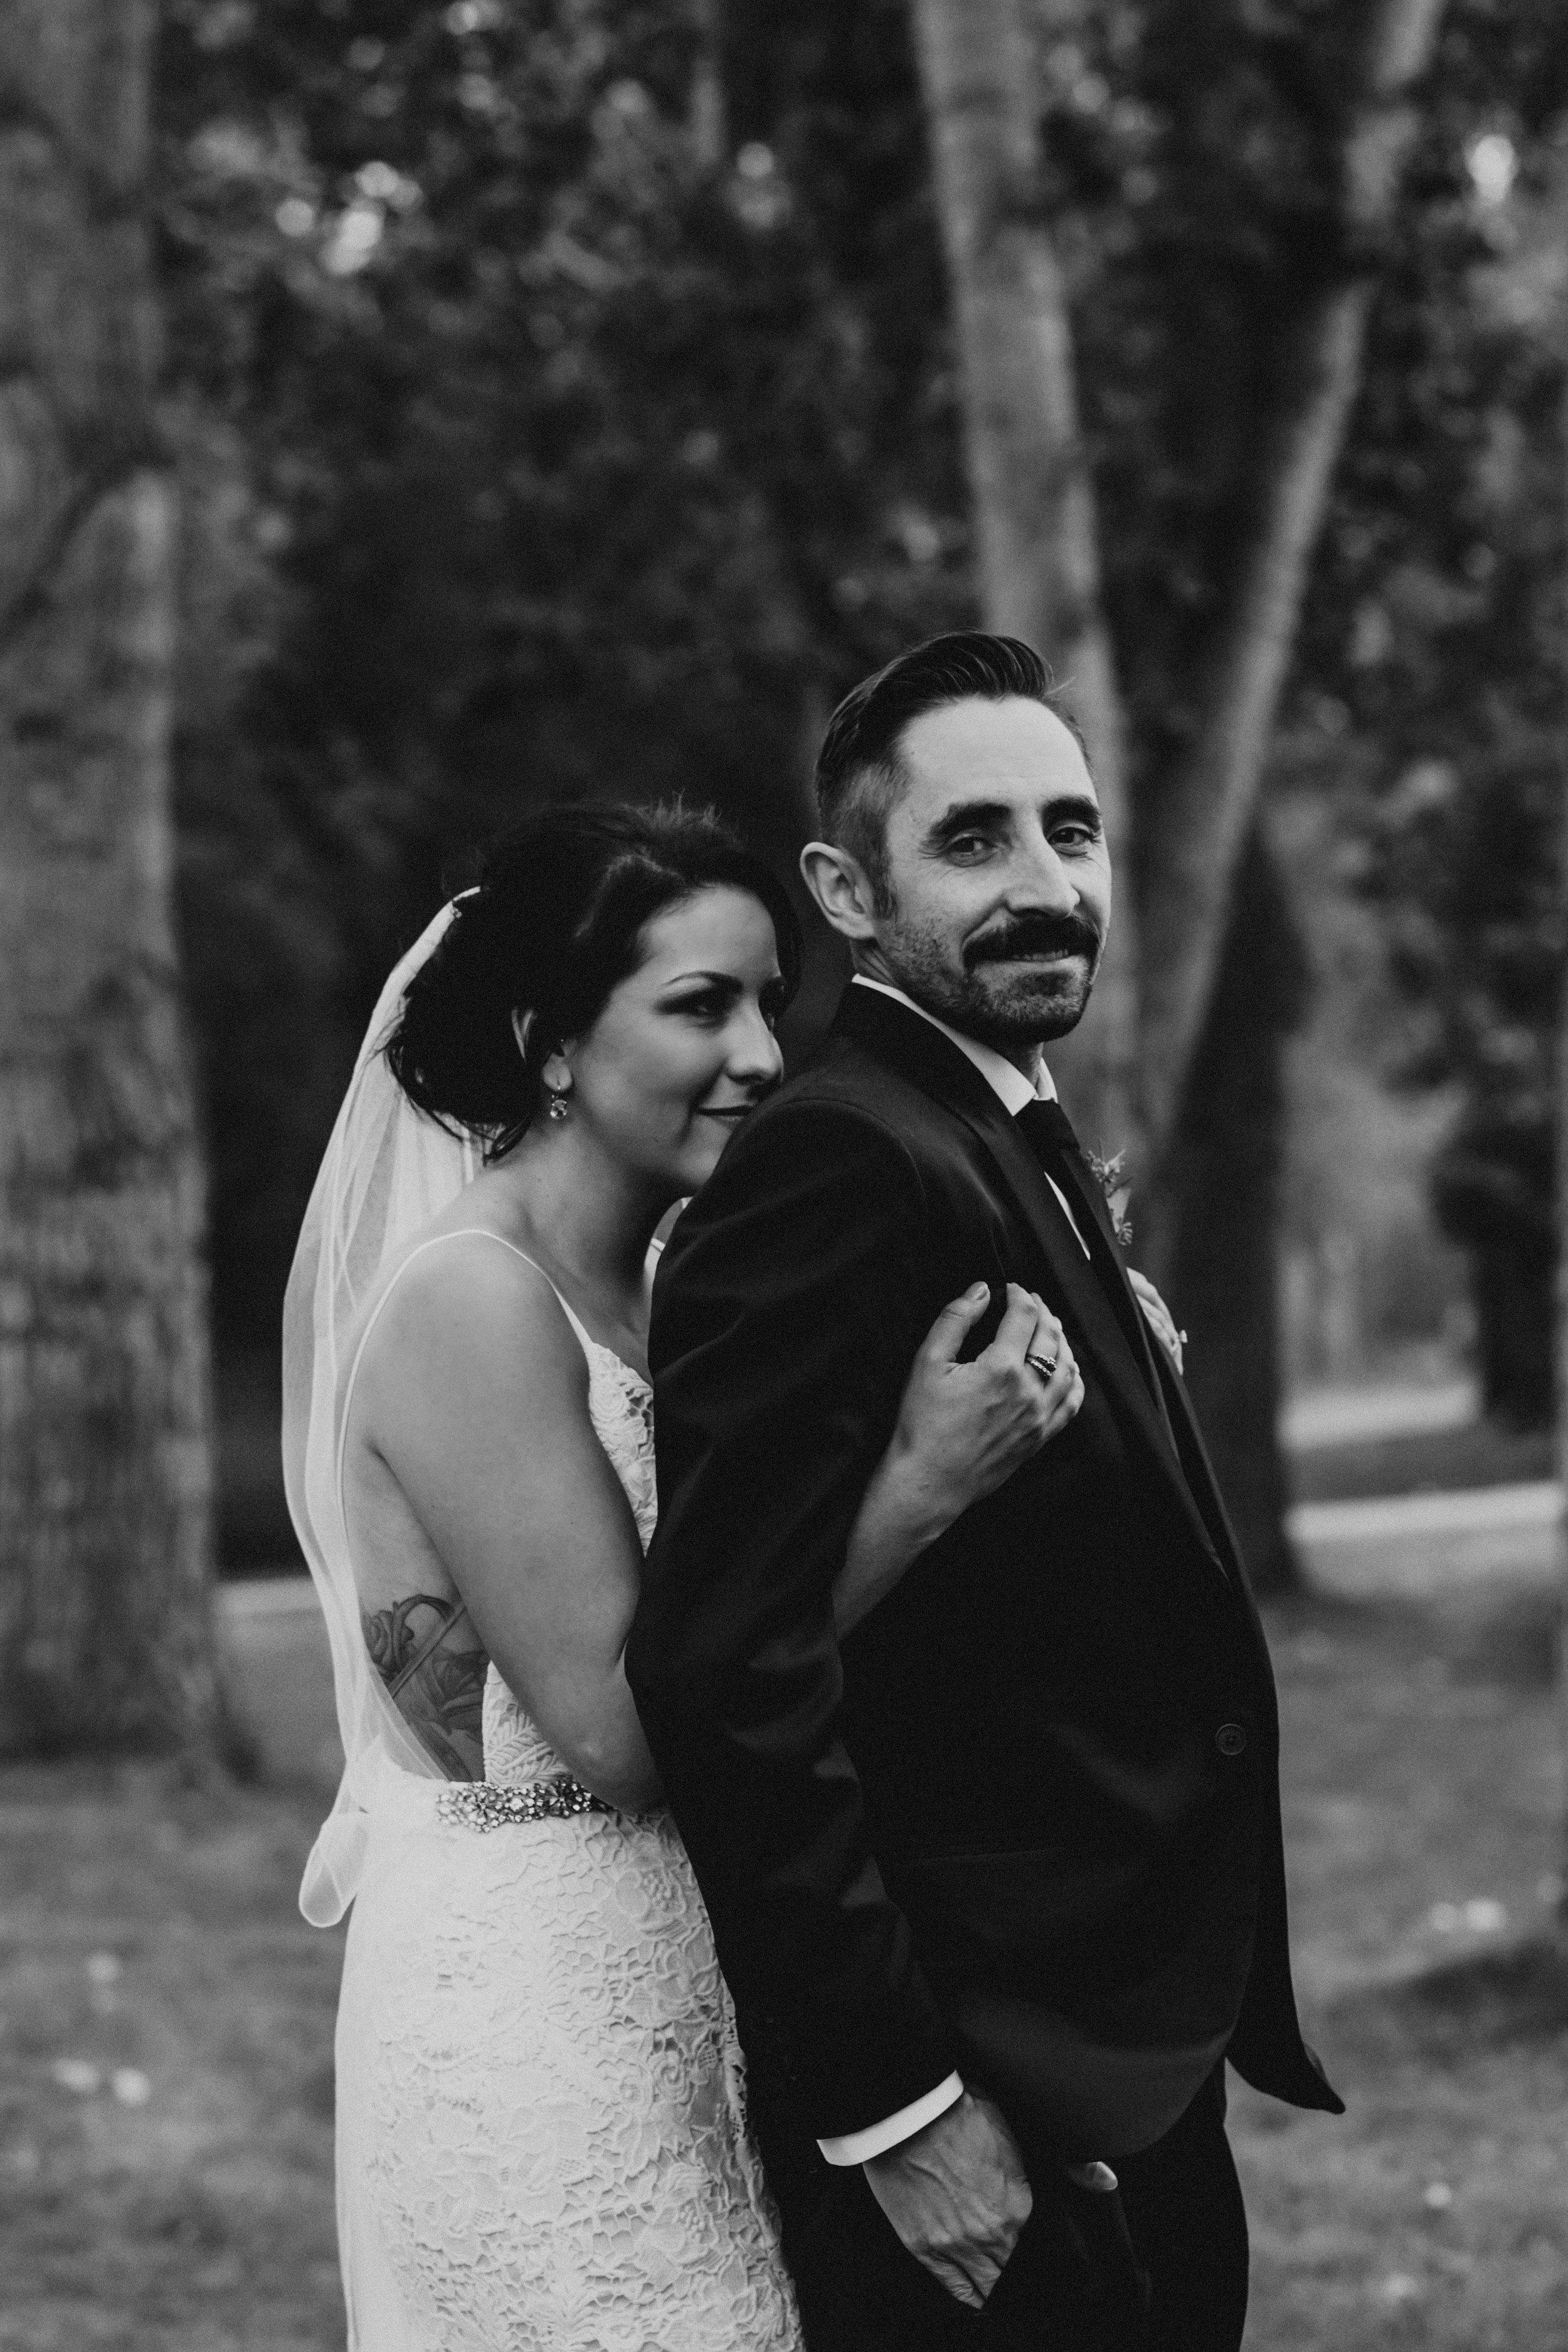 Calgary Wedding Photographer - 68 of 84.jpg